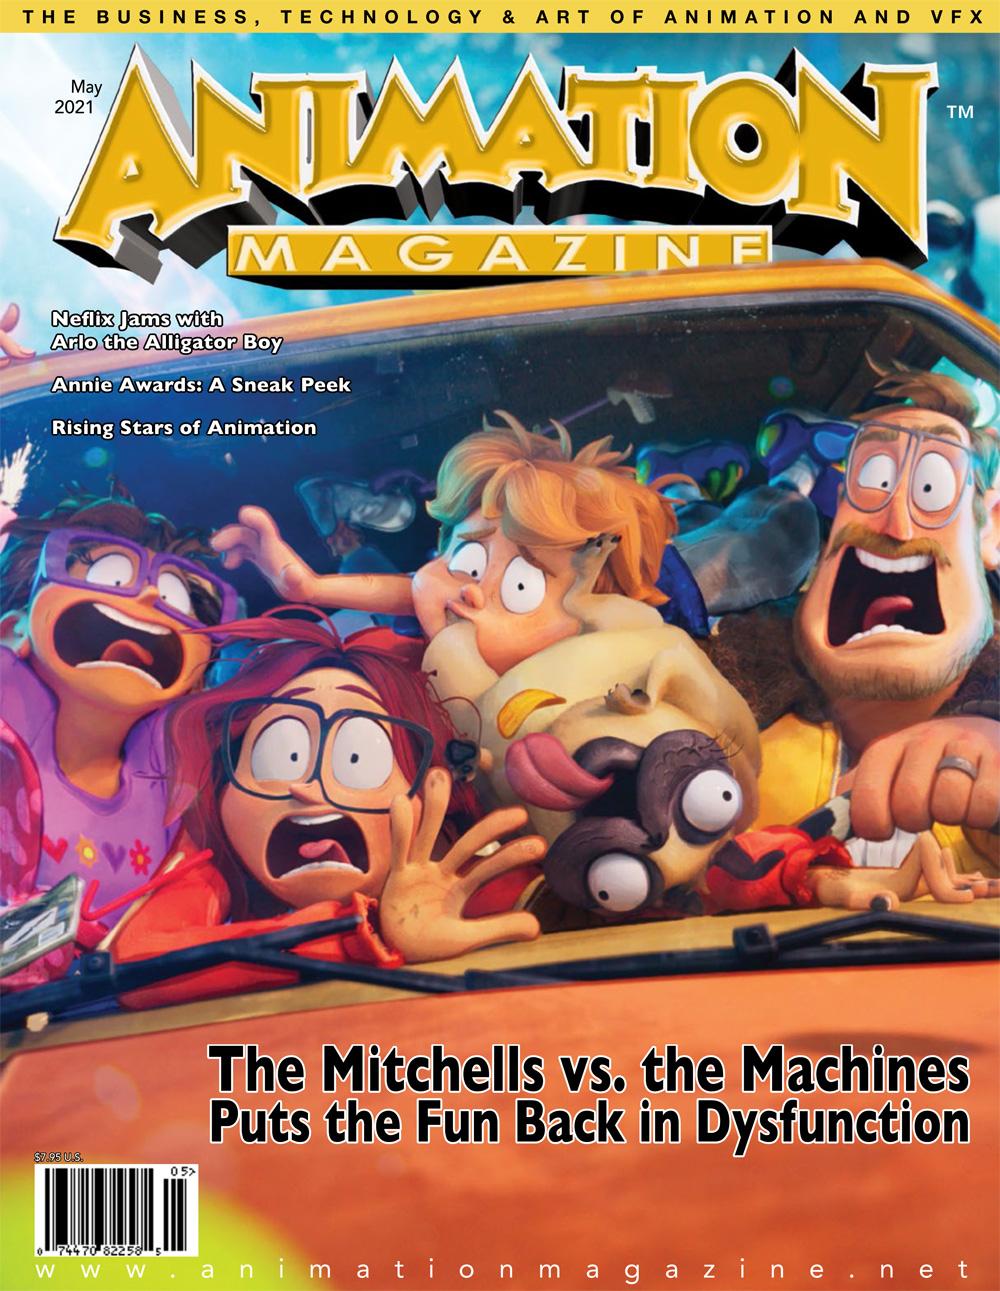 Animation Magazine – #310 May 2021